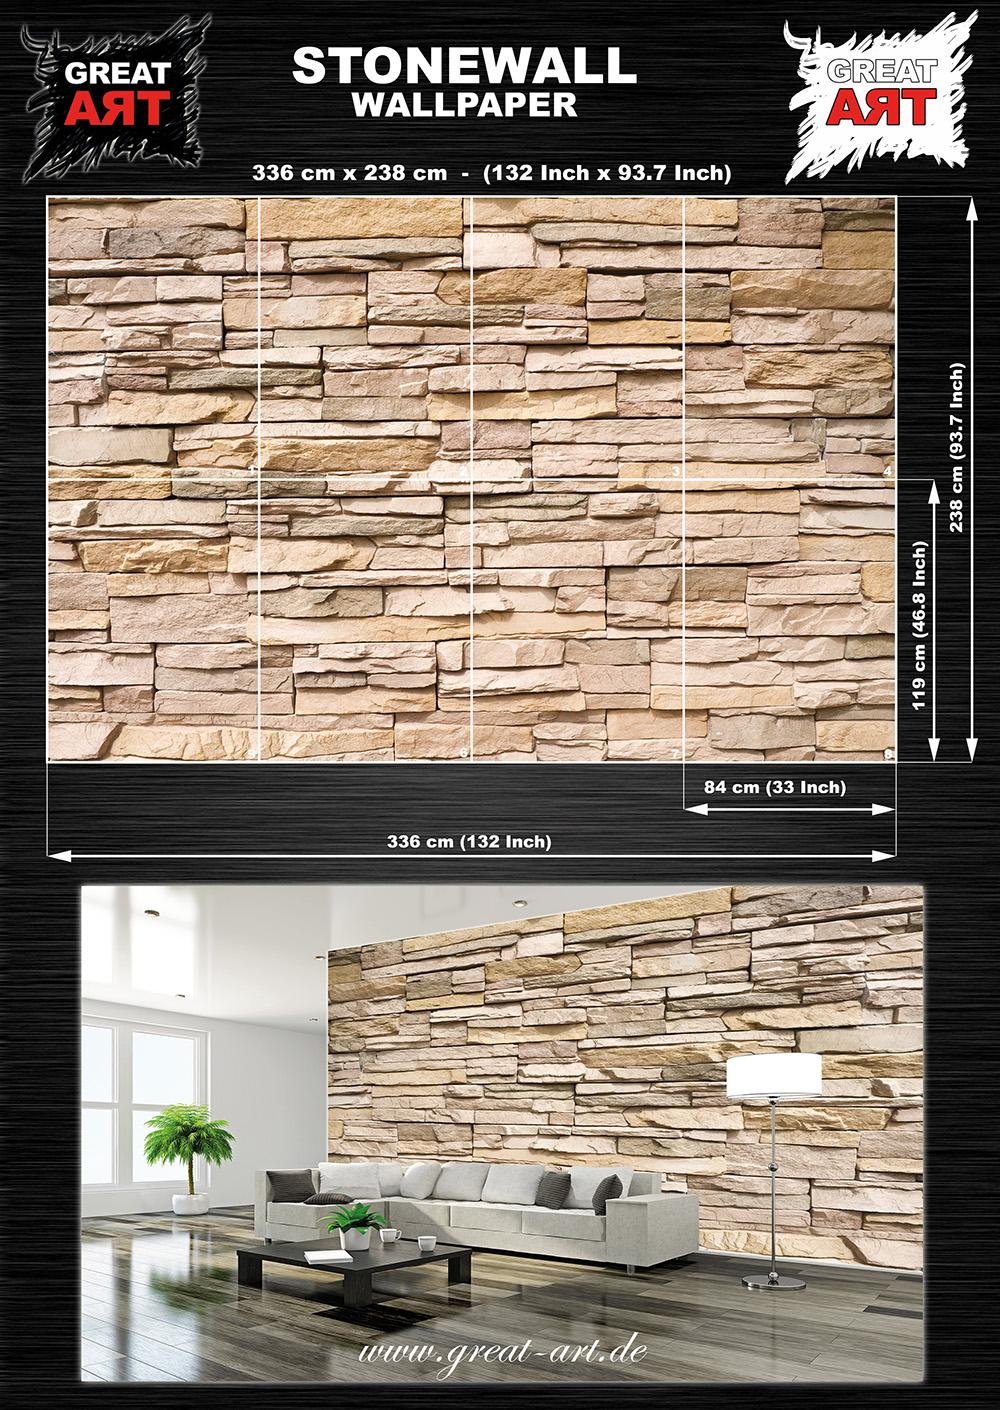 Wohnzimmer steinwand kosten – dumss.com